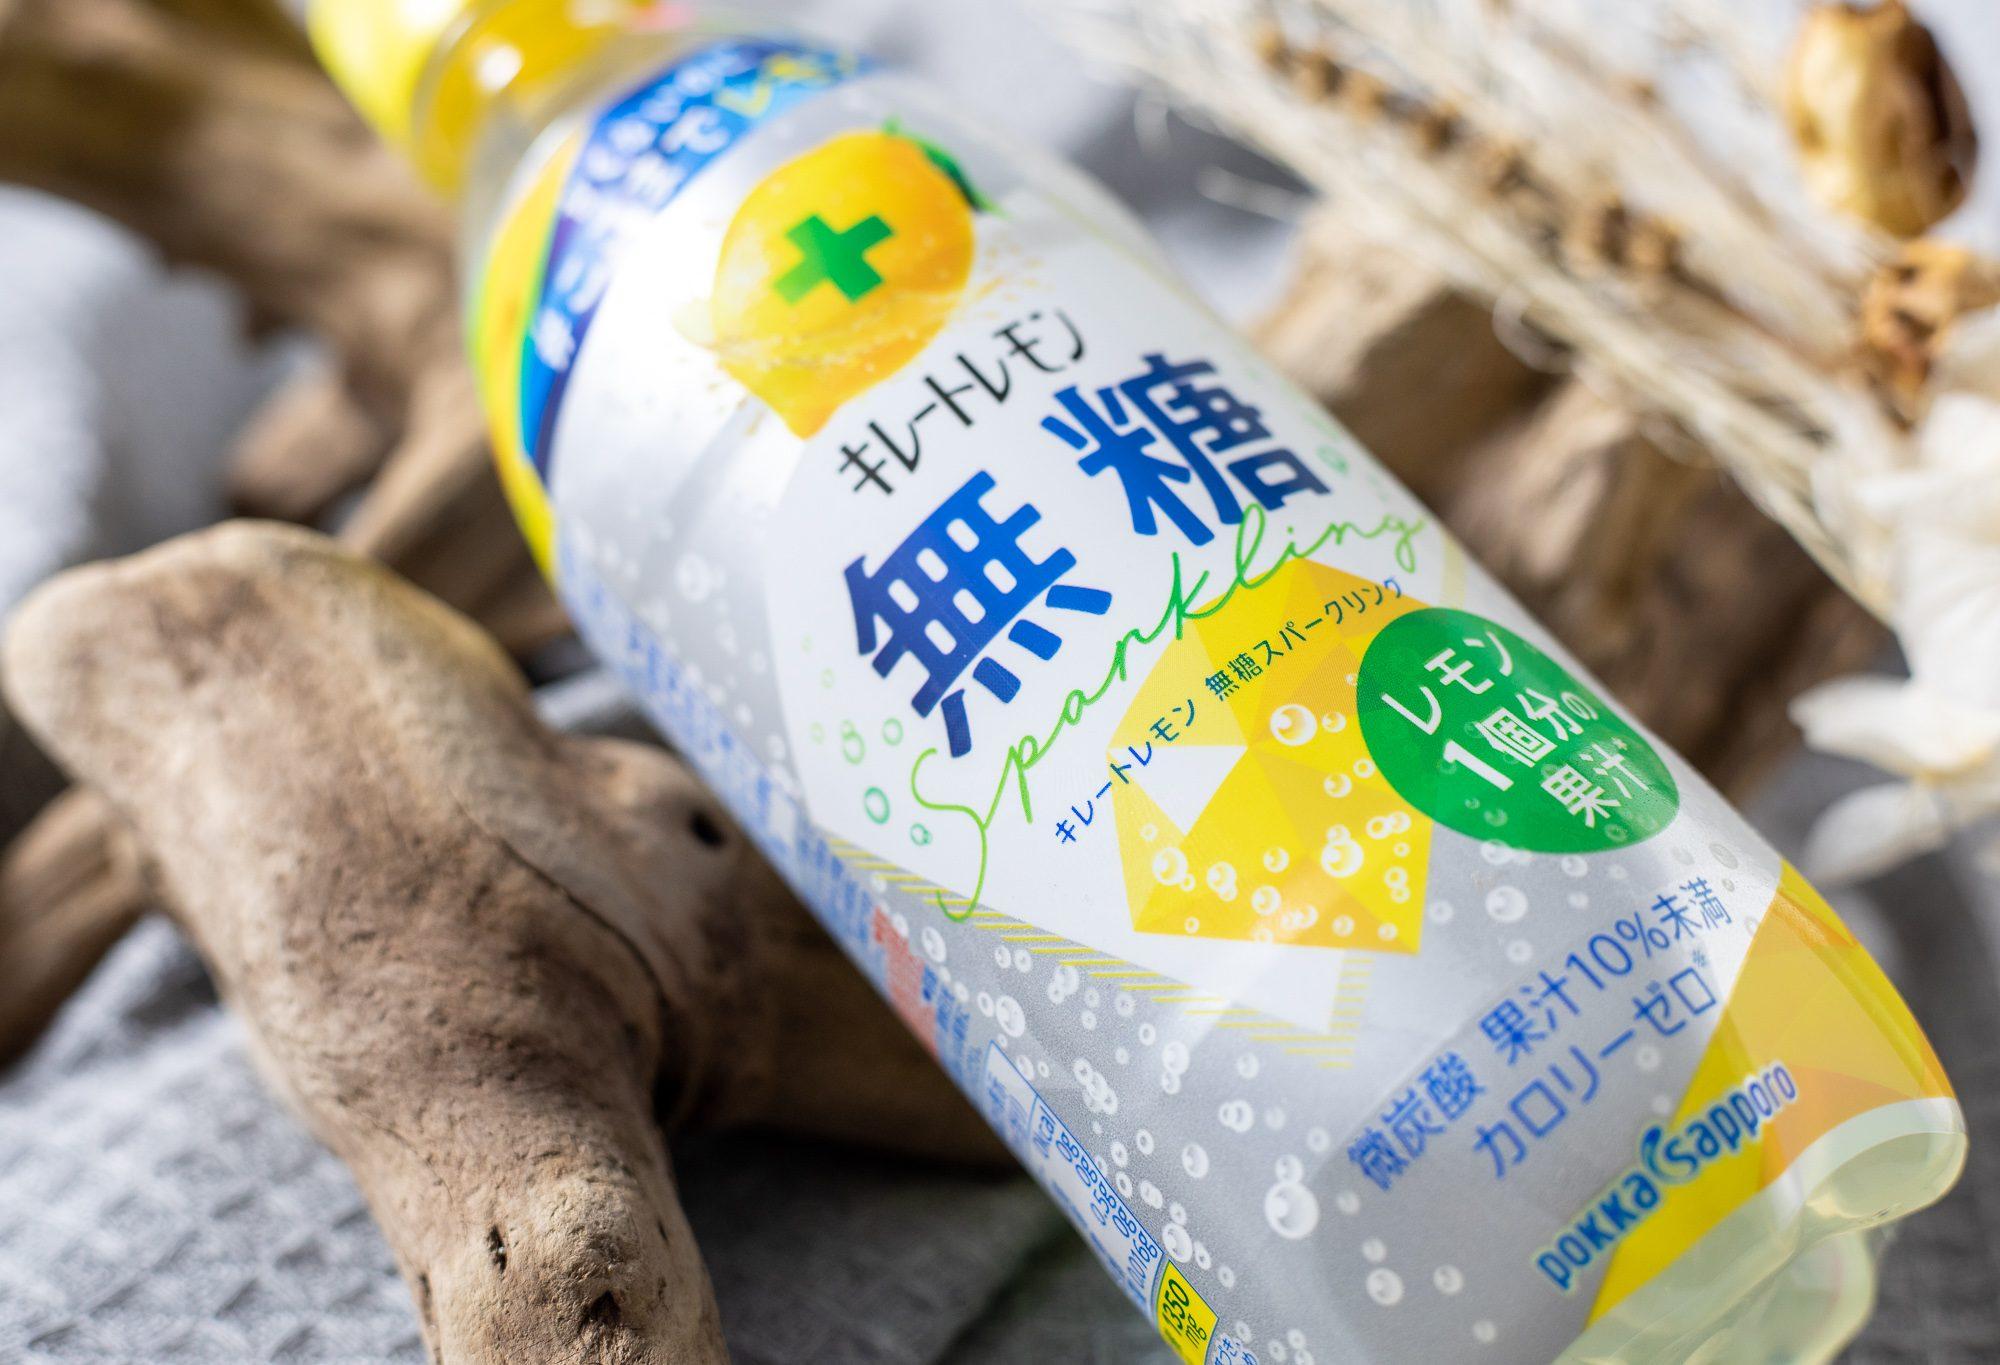 ポッカサッポロ『キレートレモン 無糖スパークリング(500ml)』実飲レビュー!レモンサワーを彷彿とさせるドライな完全体無糖果汁炭酸◎